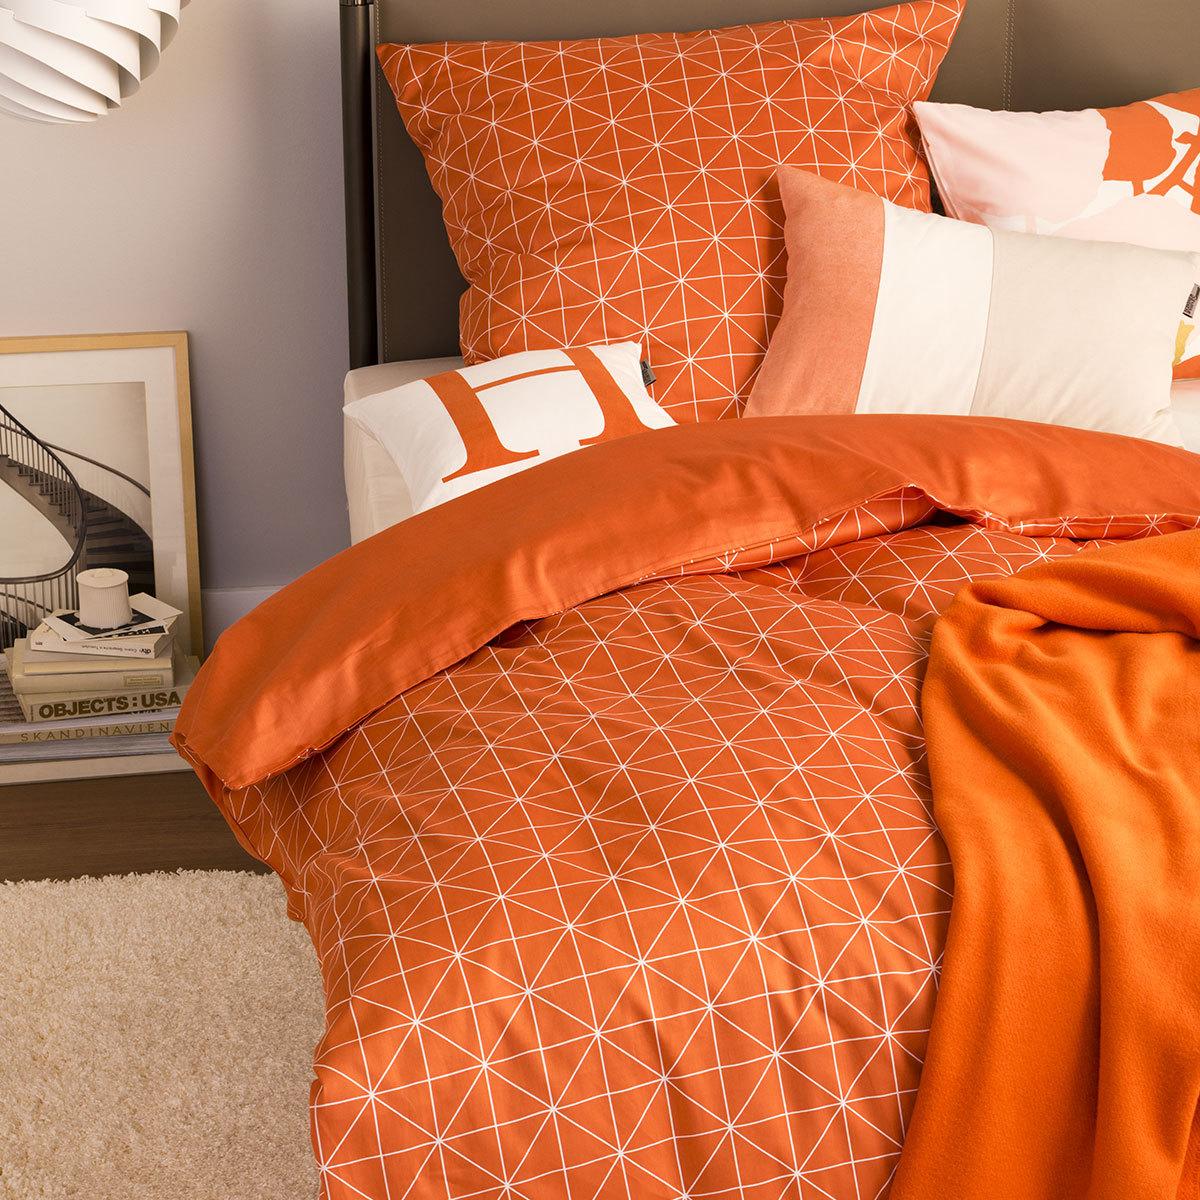 sch ner wohnen mako satin bettw sche grid flamingo g nstig online kaufen bei bettwaren shop. Black Bedroom Furniture Sets. Home Design Ideas